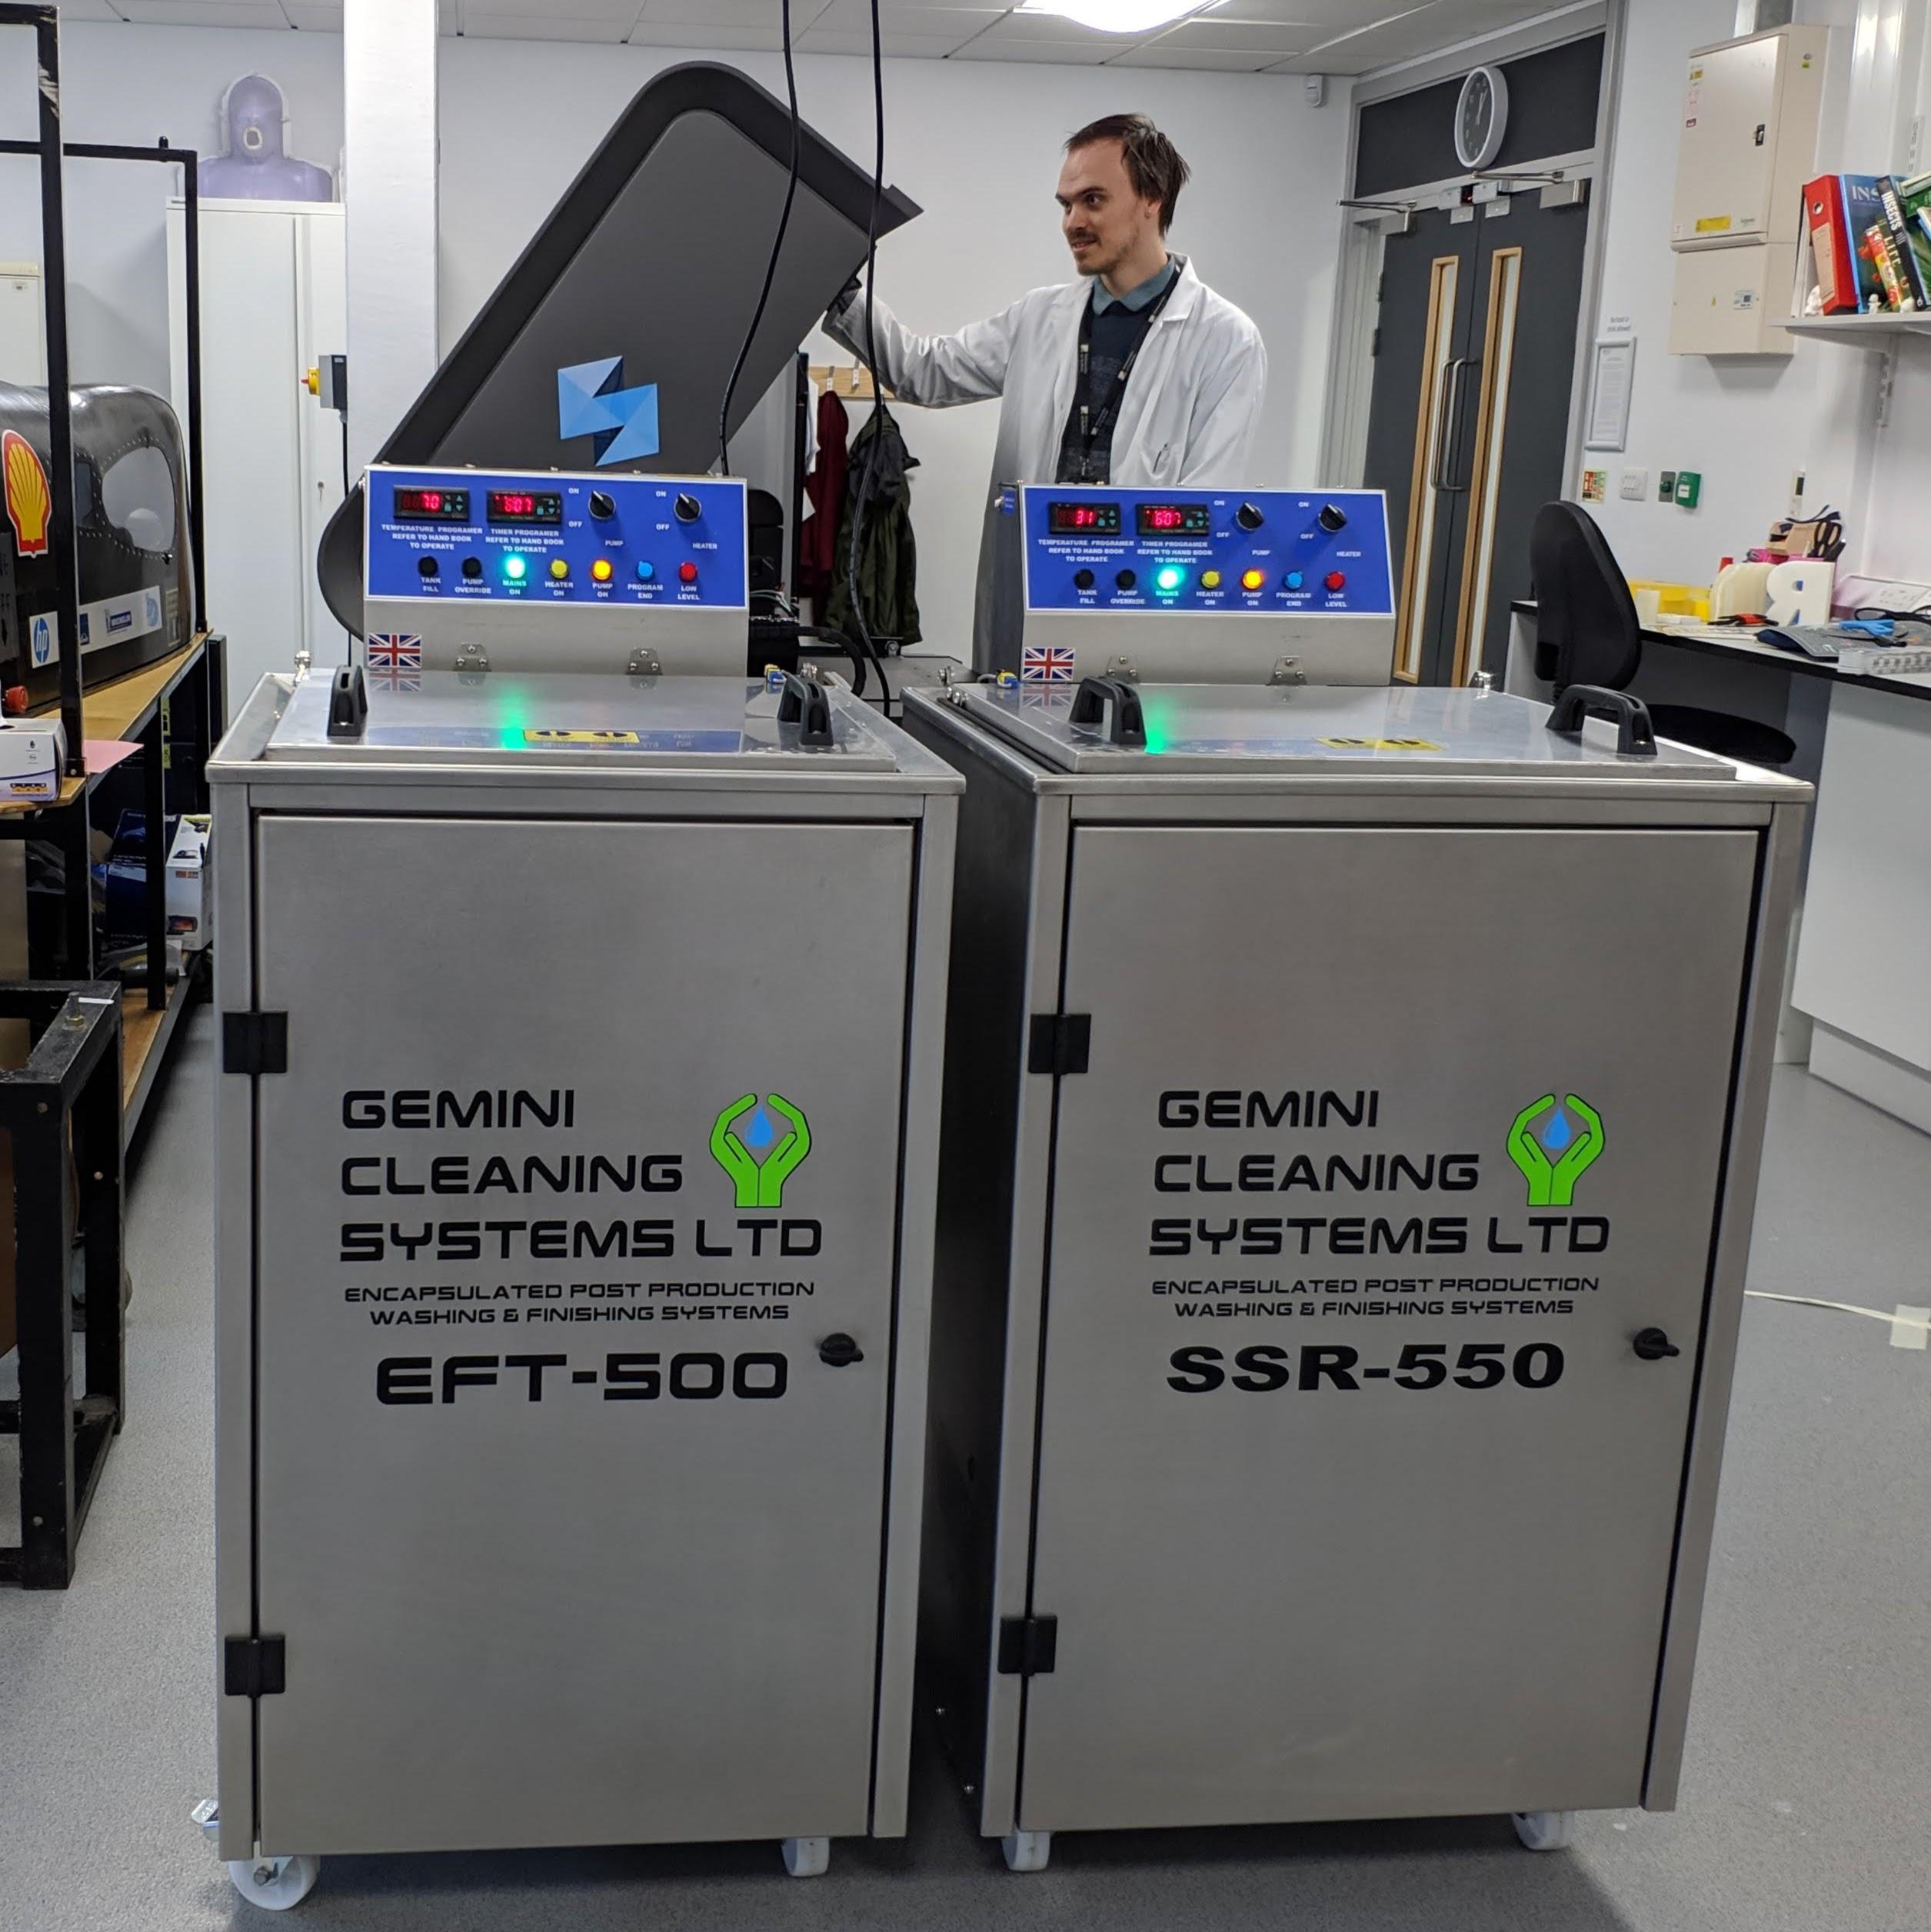 3D printing facilities at University of Suffolk (3)